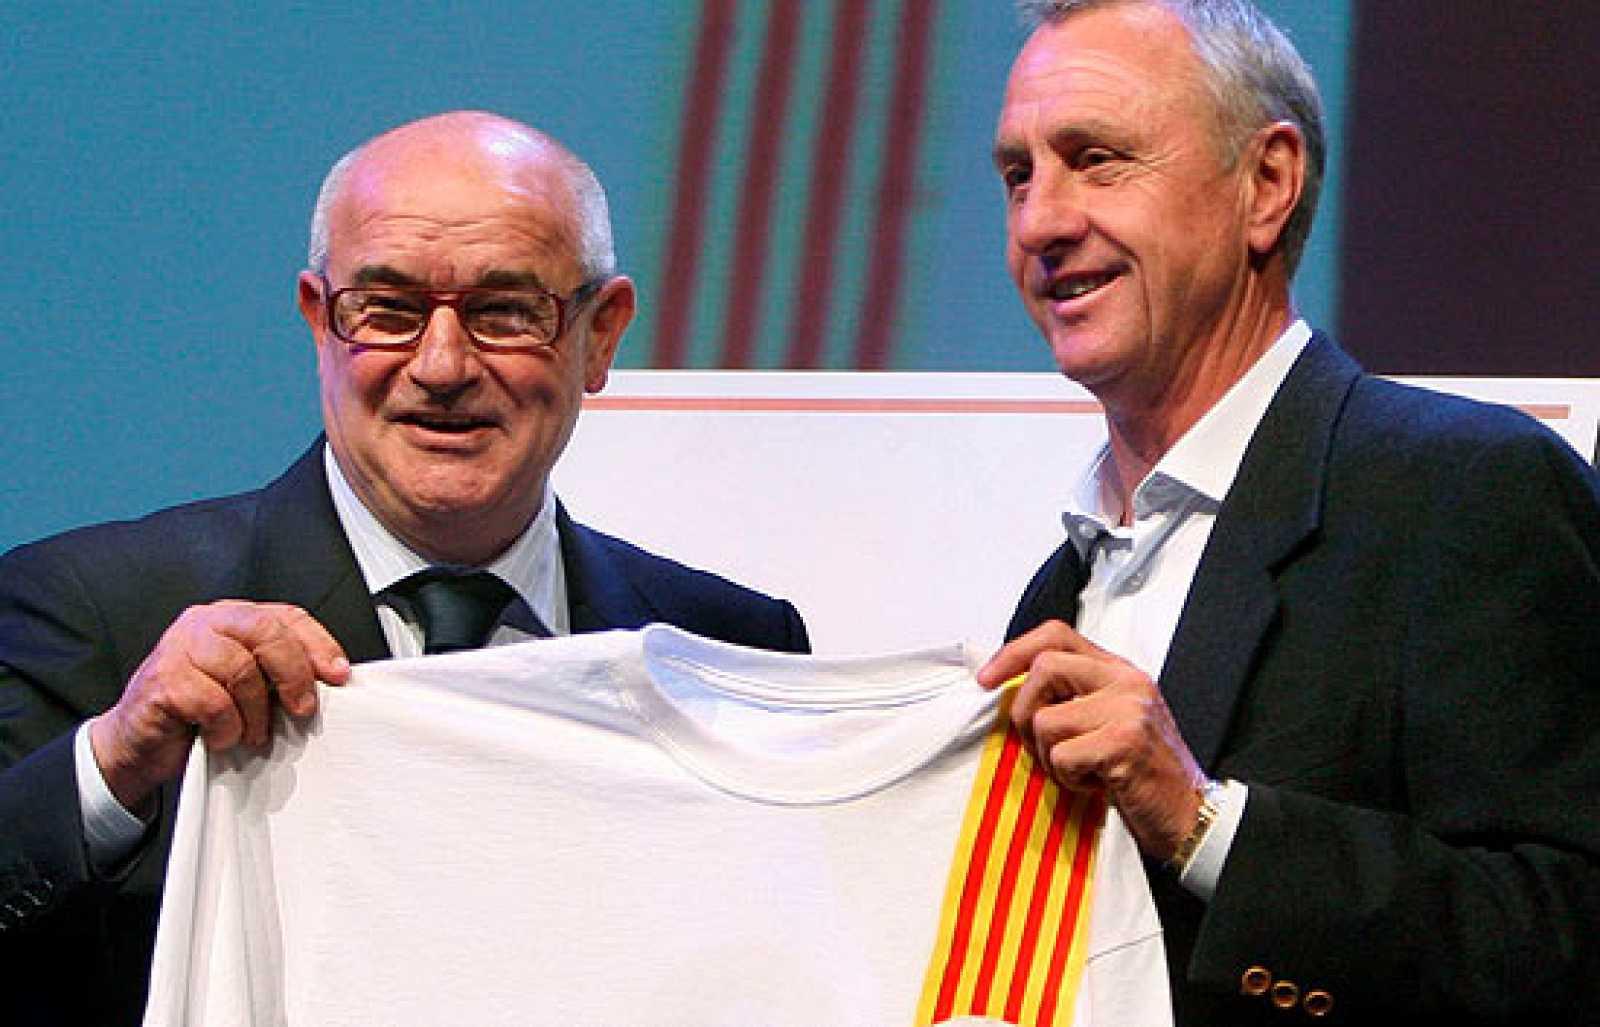 """Johan Cruyff ha sido presentado con todos los honores como nuevo """"seleccionador nacional de Cataluña"""" en un acto al que han acudido políticos y diversas personalidades."""